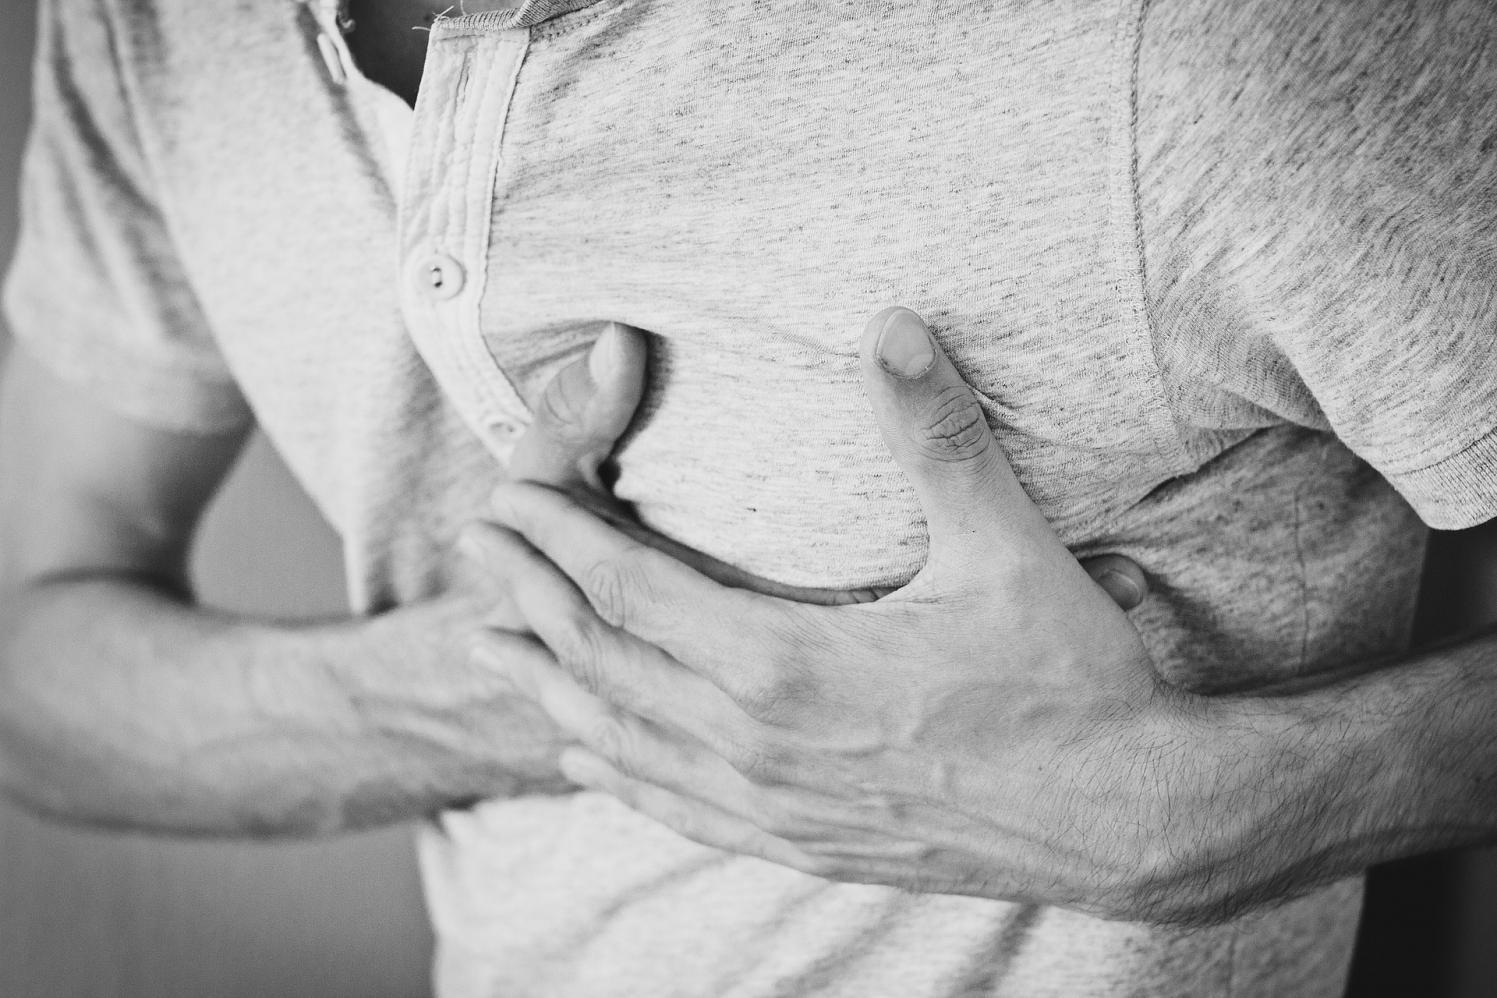 Principais fatores de risco para infarto: Quais são e como evitá-los